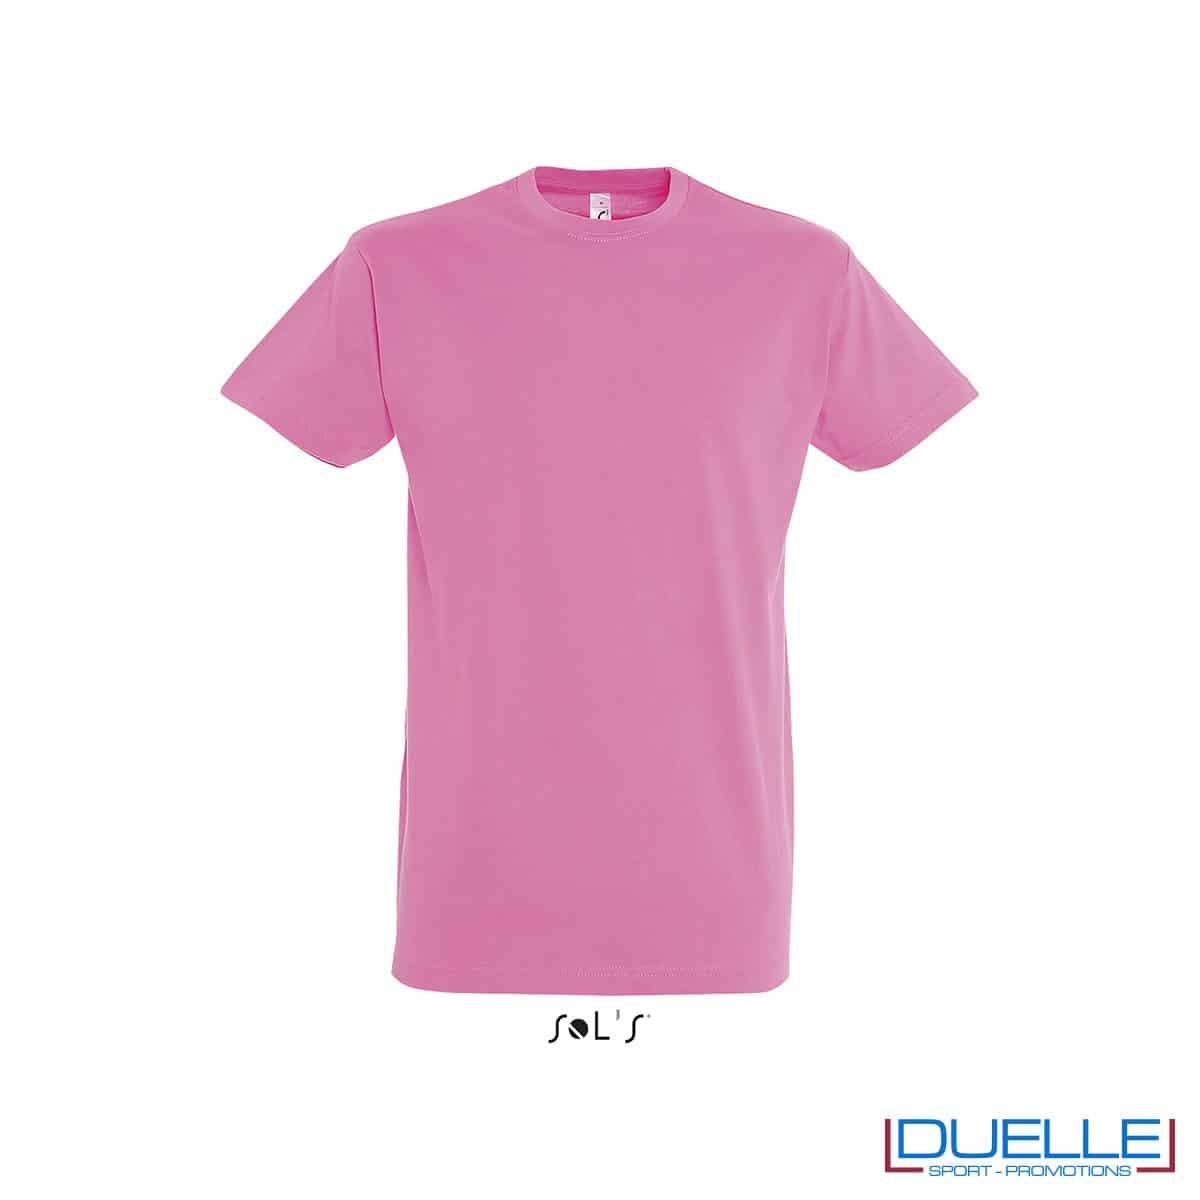 T-shirt promozionale in cotone pesante colore rosa orchidea personalizzata con stampa o ricamo